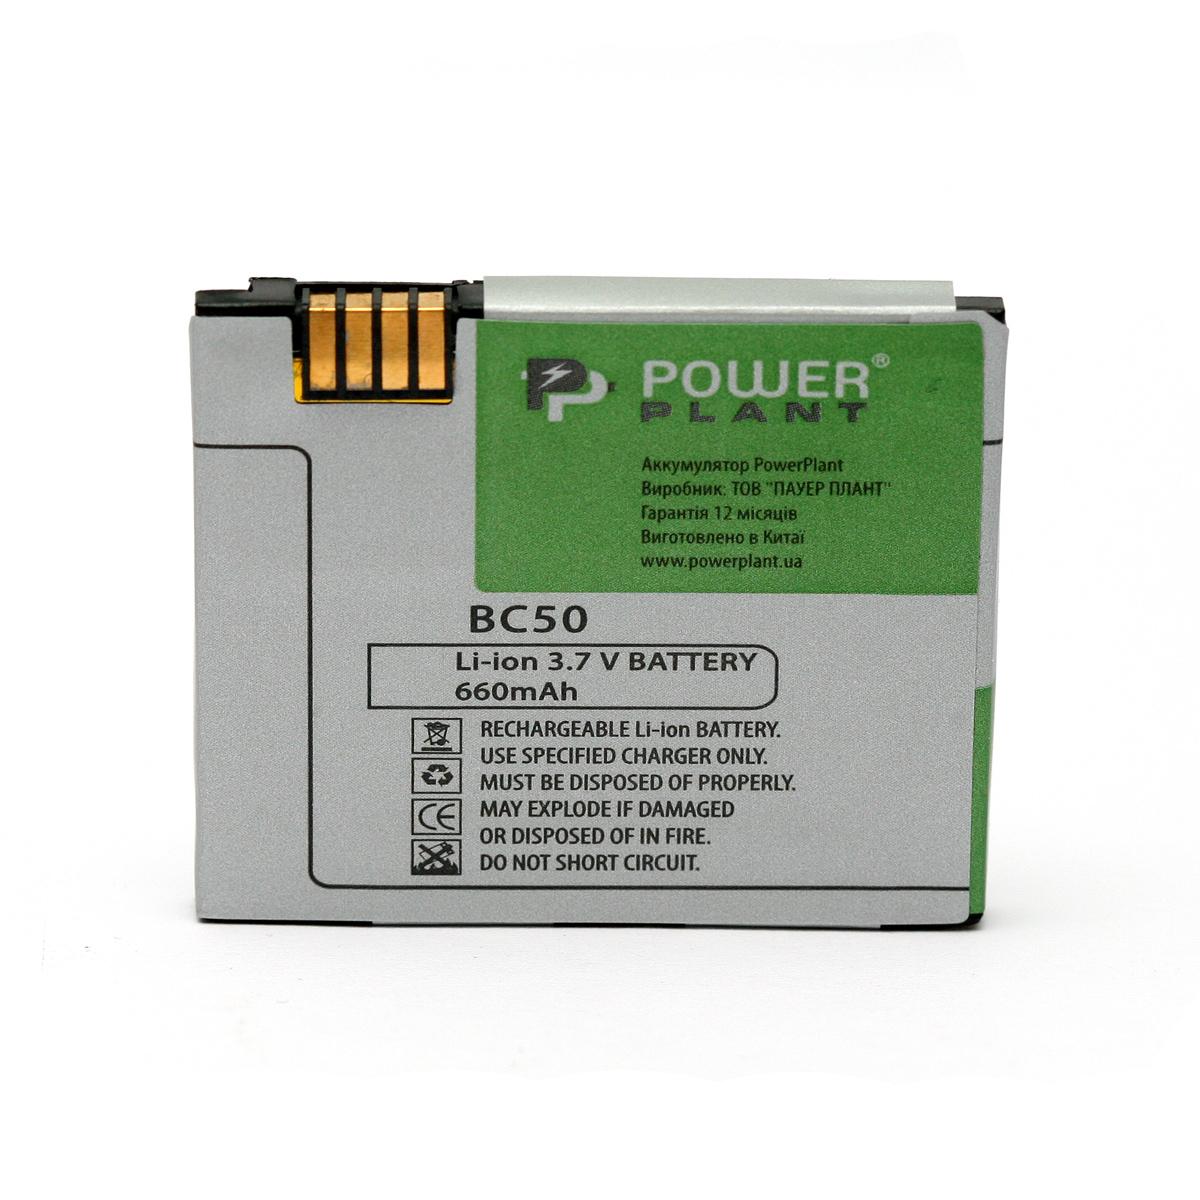 Купить Аккумулятор PowerPlant Motorola L2, L8 (BC50) 660mAh